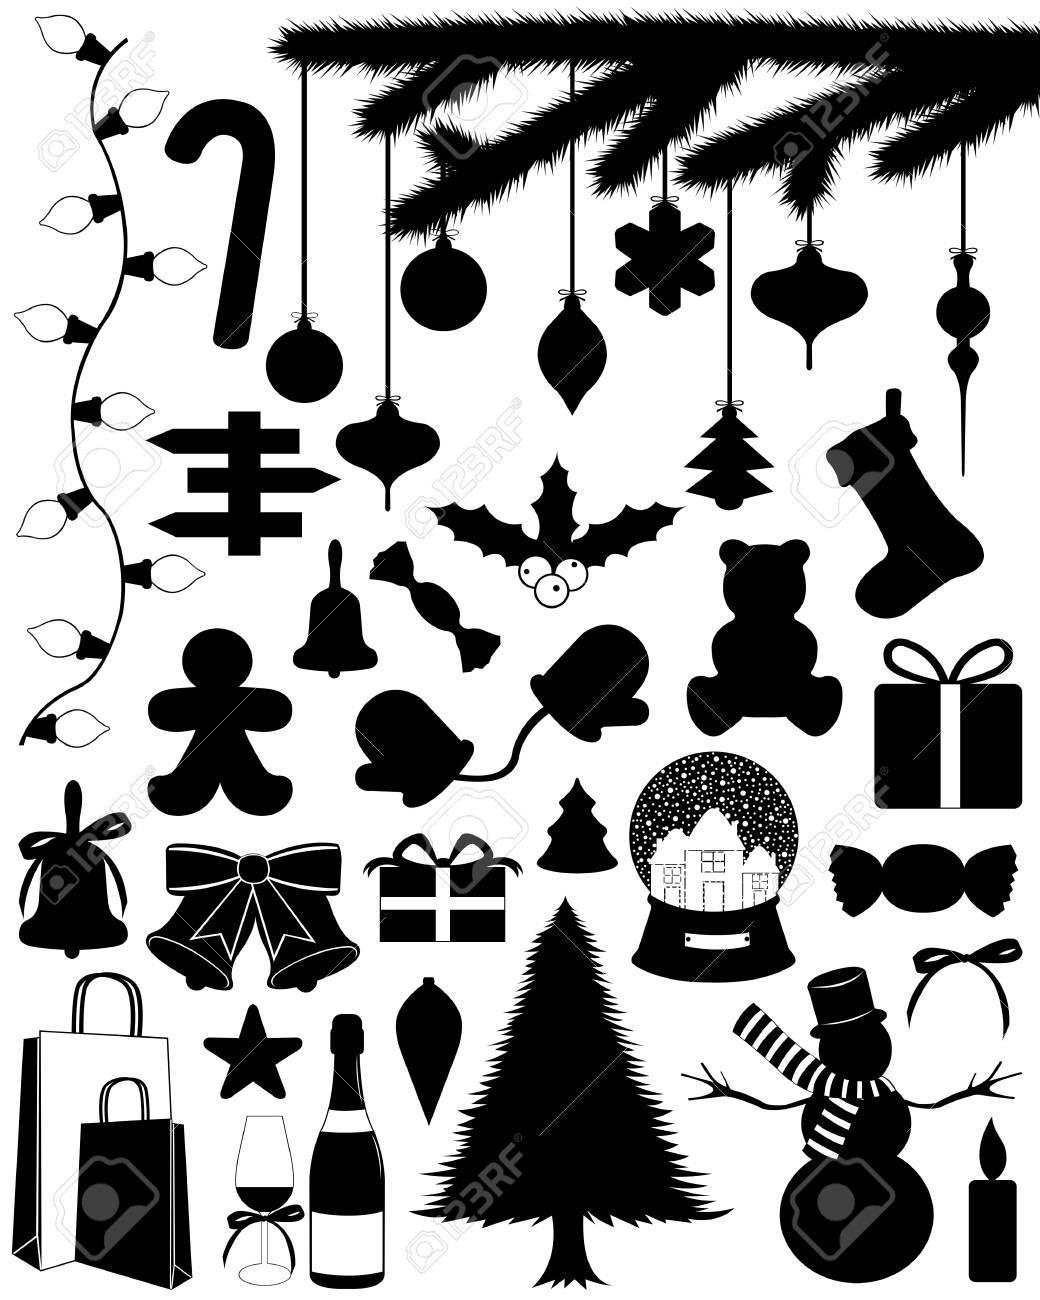 Christmas set isolated on white - 16692035